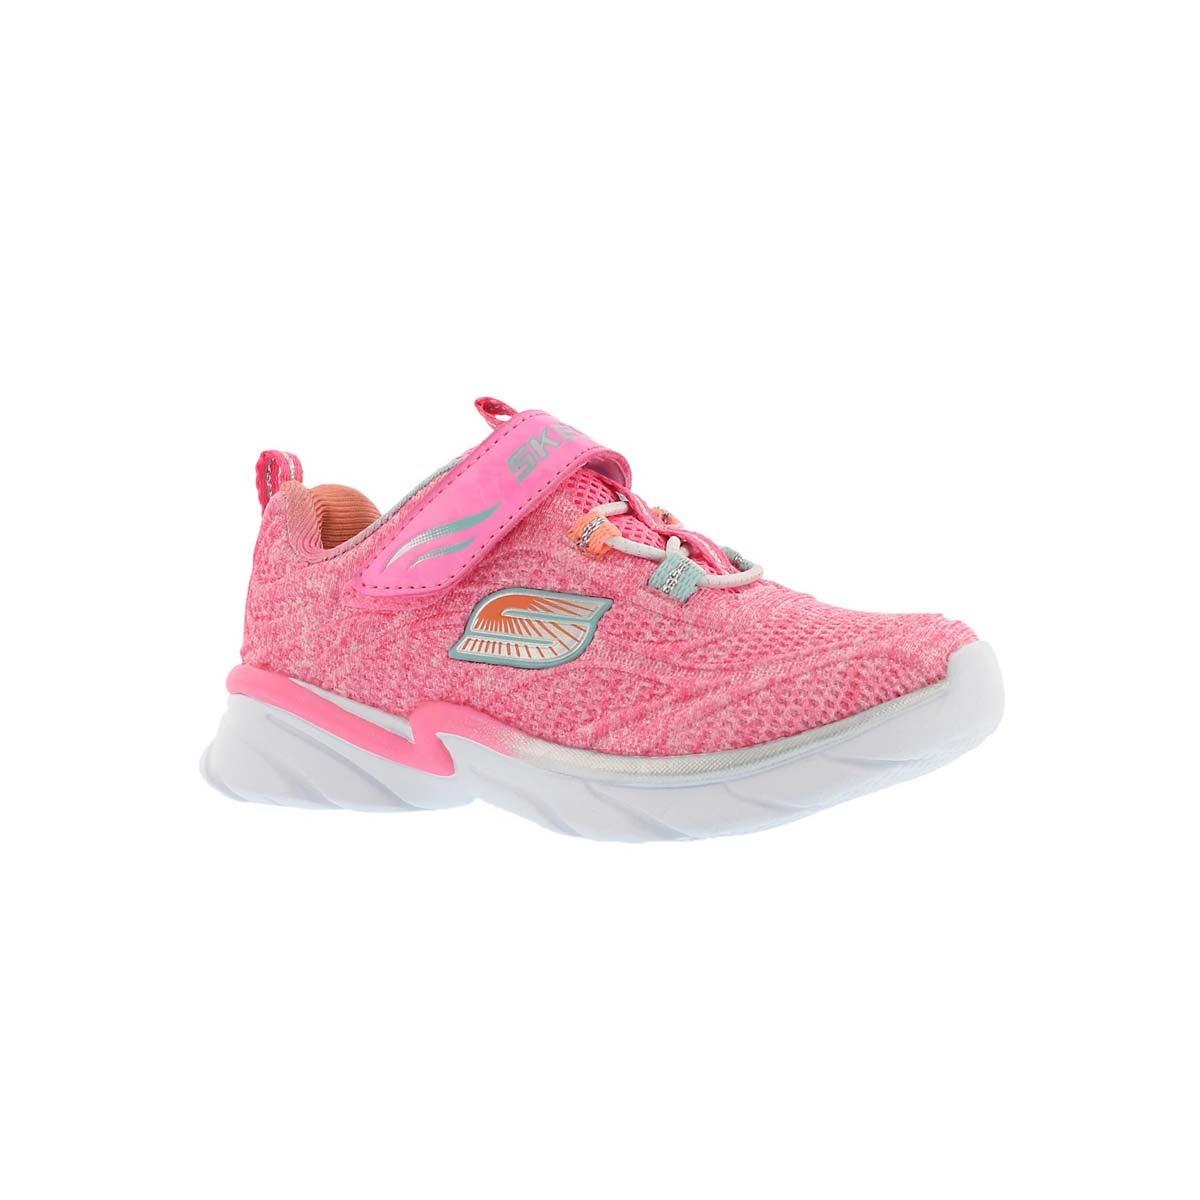 Infants SWIRLY GIRL pink/silver sneaker